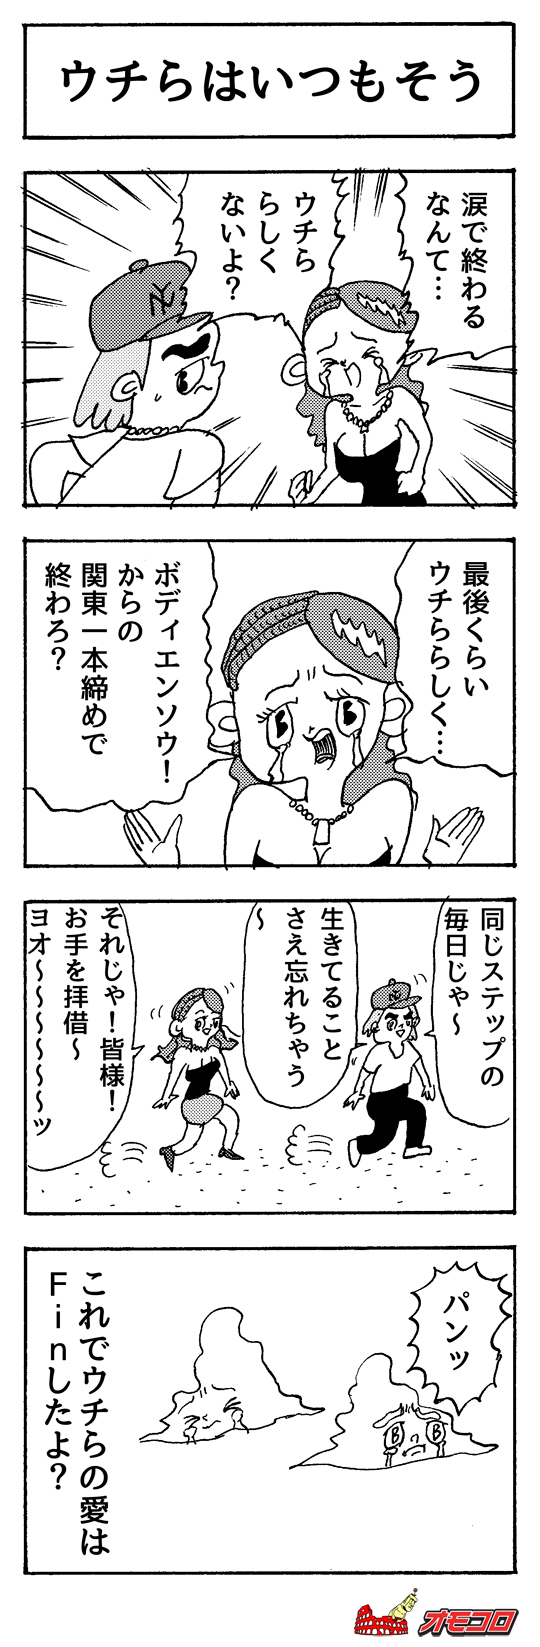 【4コマ漫画】ウチらはいつもそう